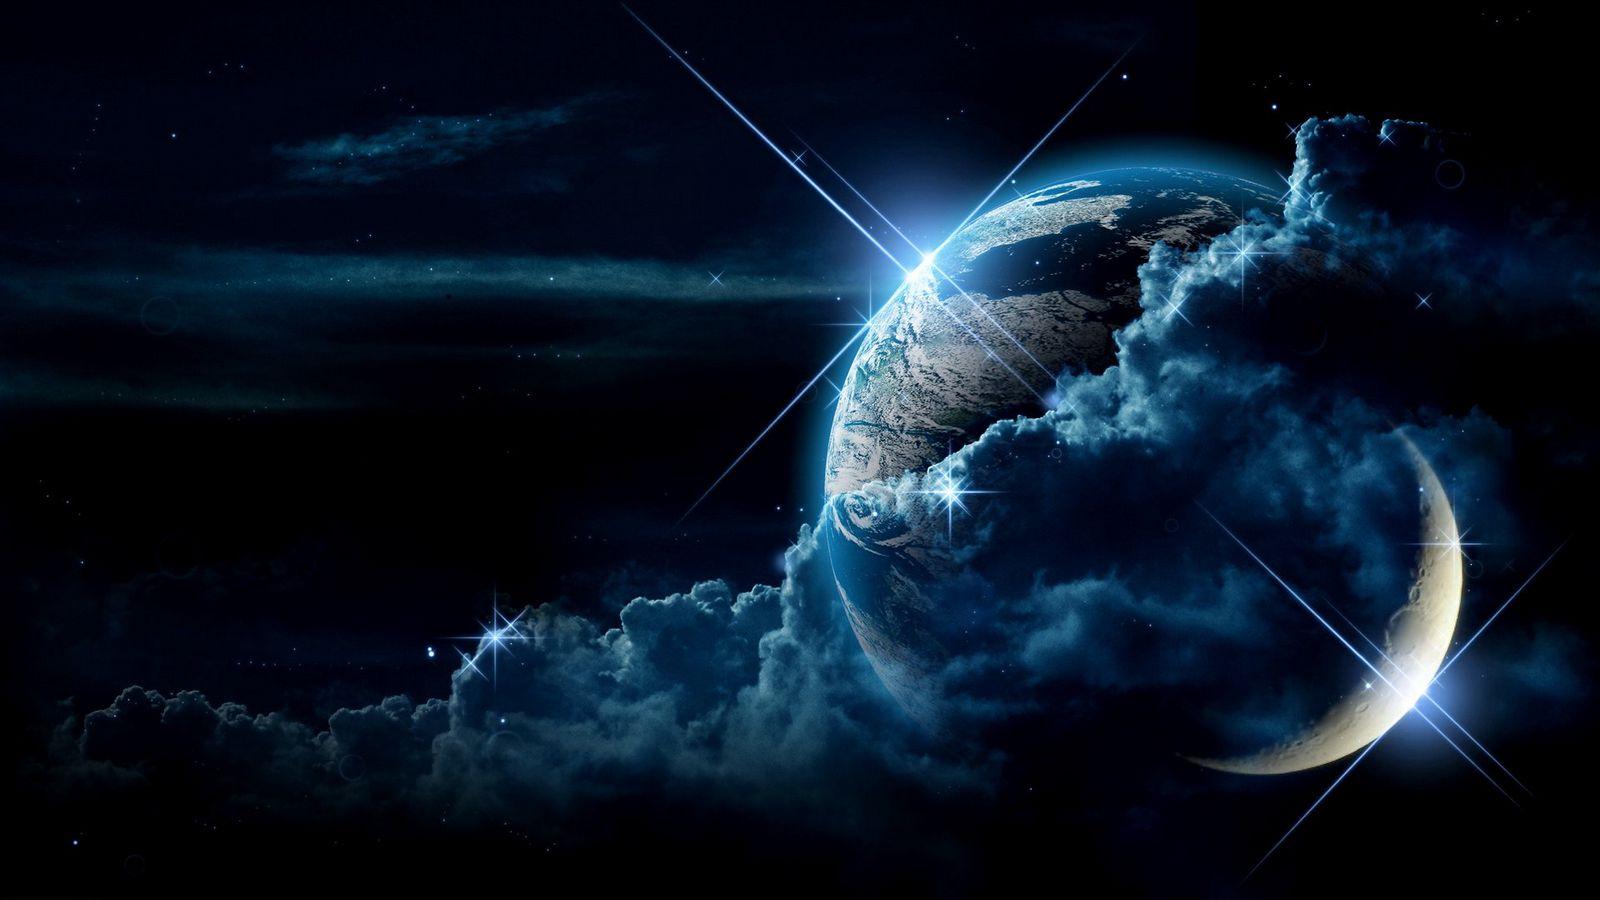 1600x900 Wallpaper planet, clouds, light, star